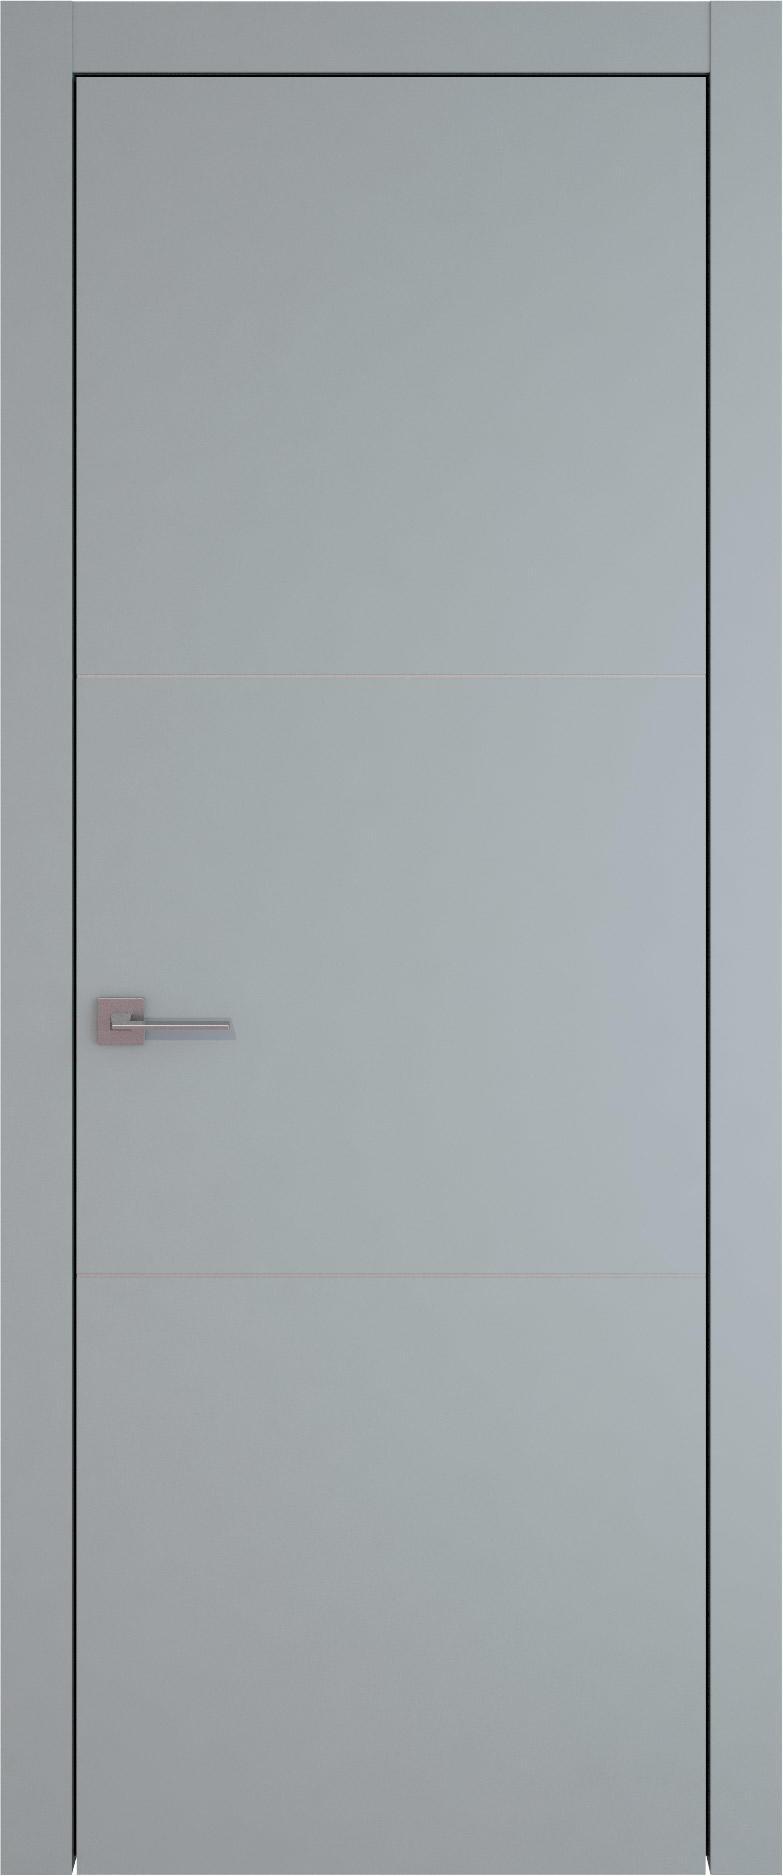 Tivoli В-3 цвет - Серебристо-серая эмаль (RAL 7045) Без стекла (ДГ)